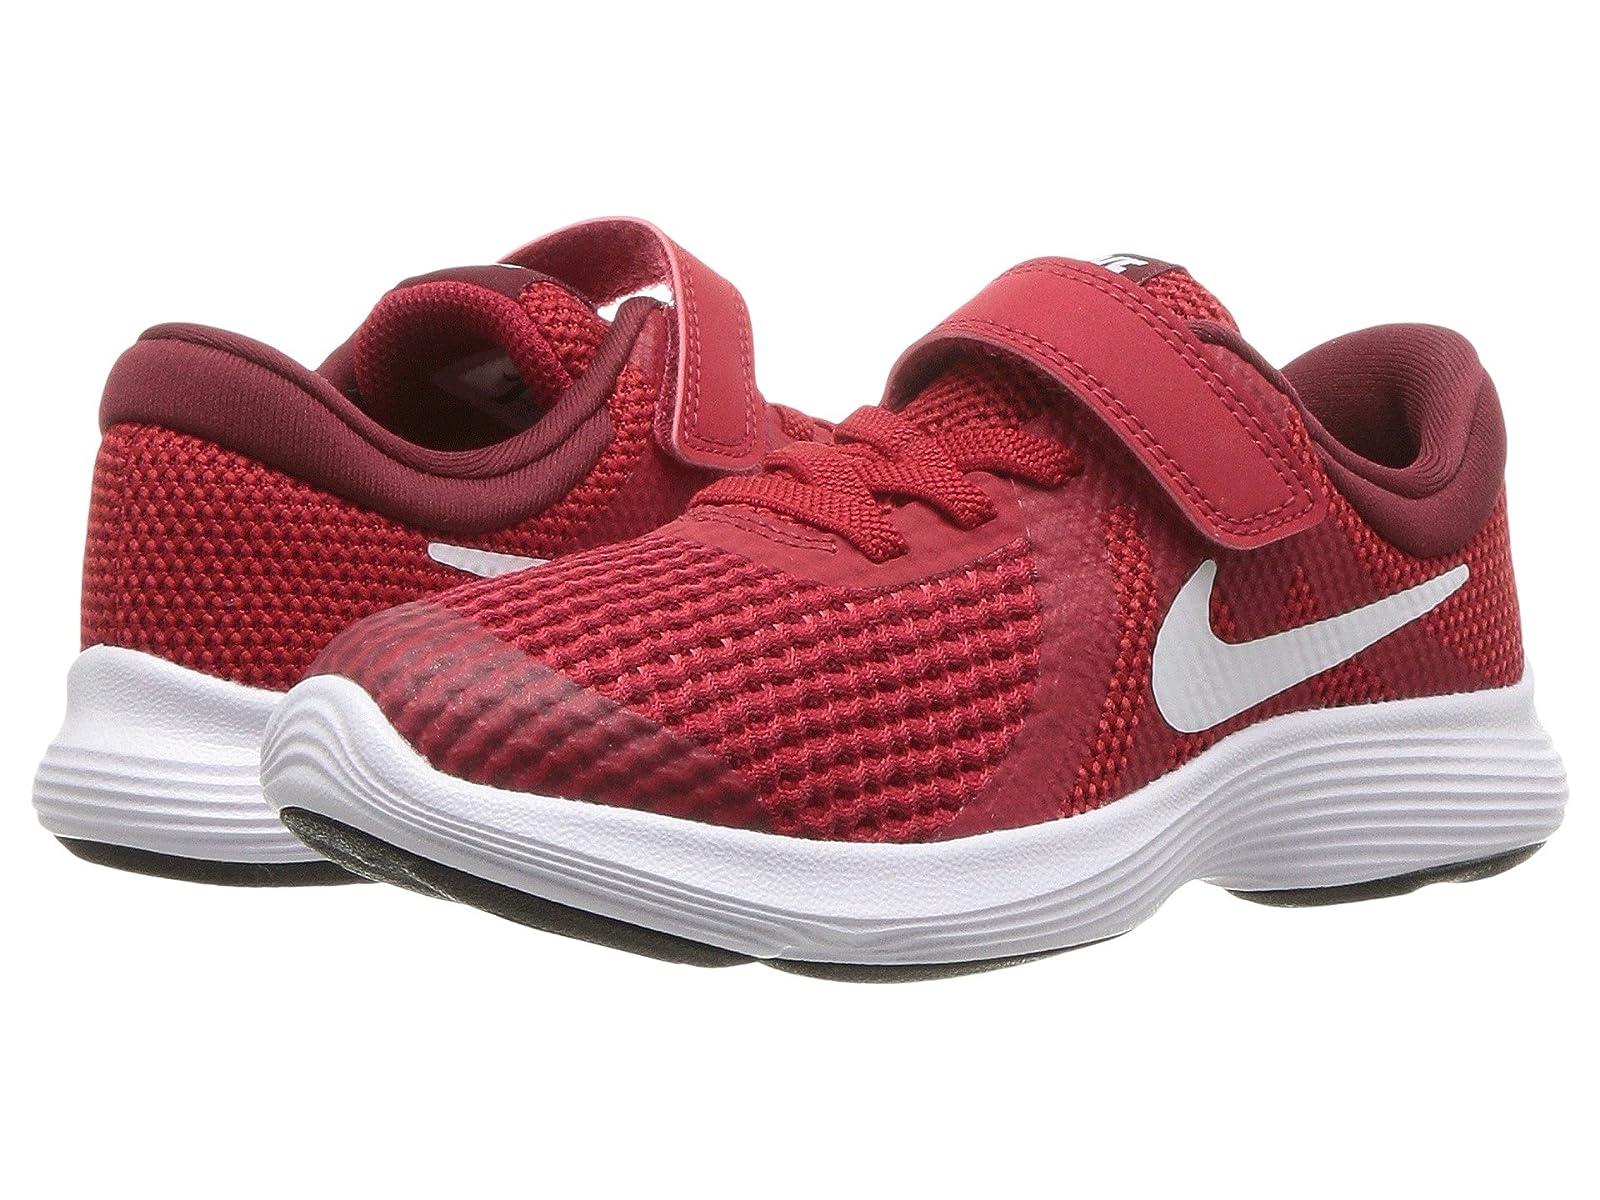 Nike Kids Revolution 4 WIDE (Little Kid)Atmospheric grades have affordable shoes